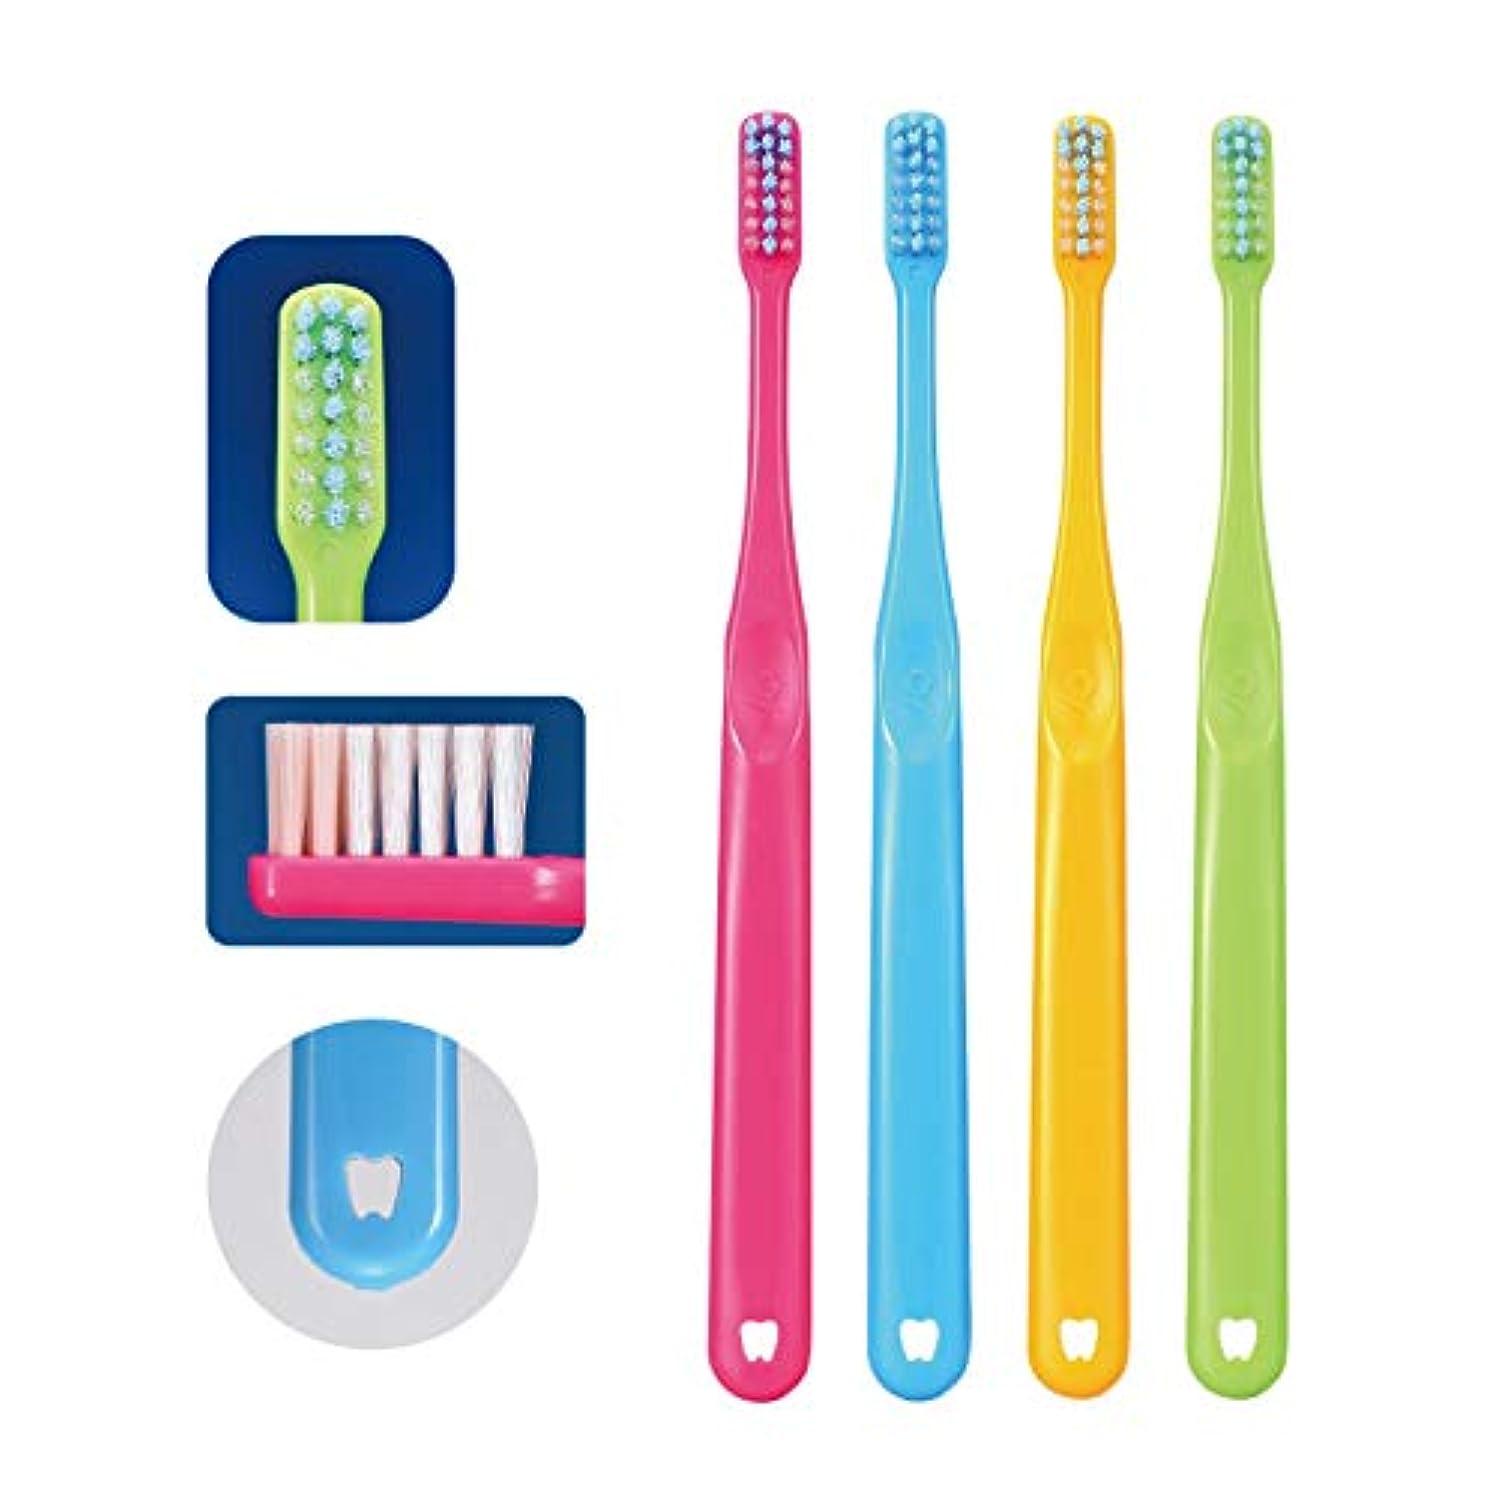 シェフ博覧会シェードCi PRO PLUS プロプラス 歯ブラシ 20本 M(ふつう) 日本製 プラーク除去 歯科専売品